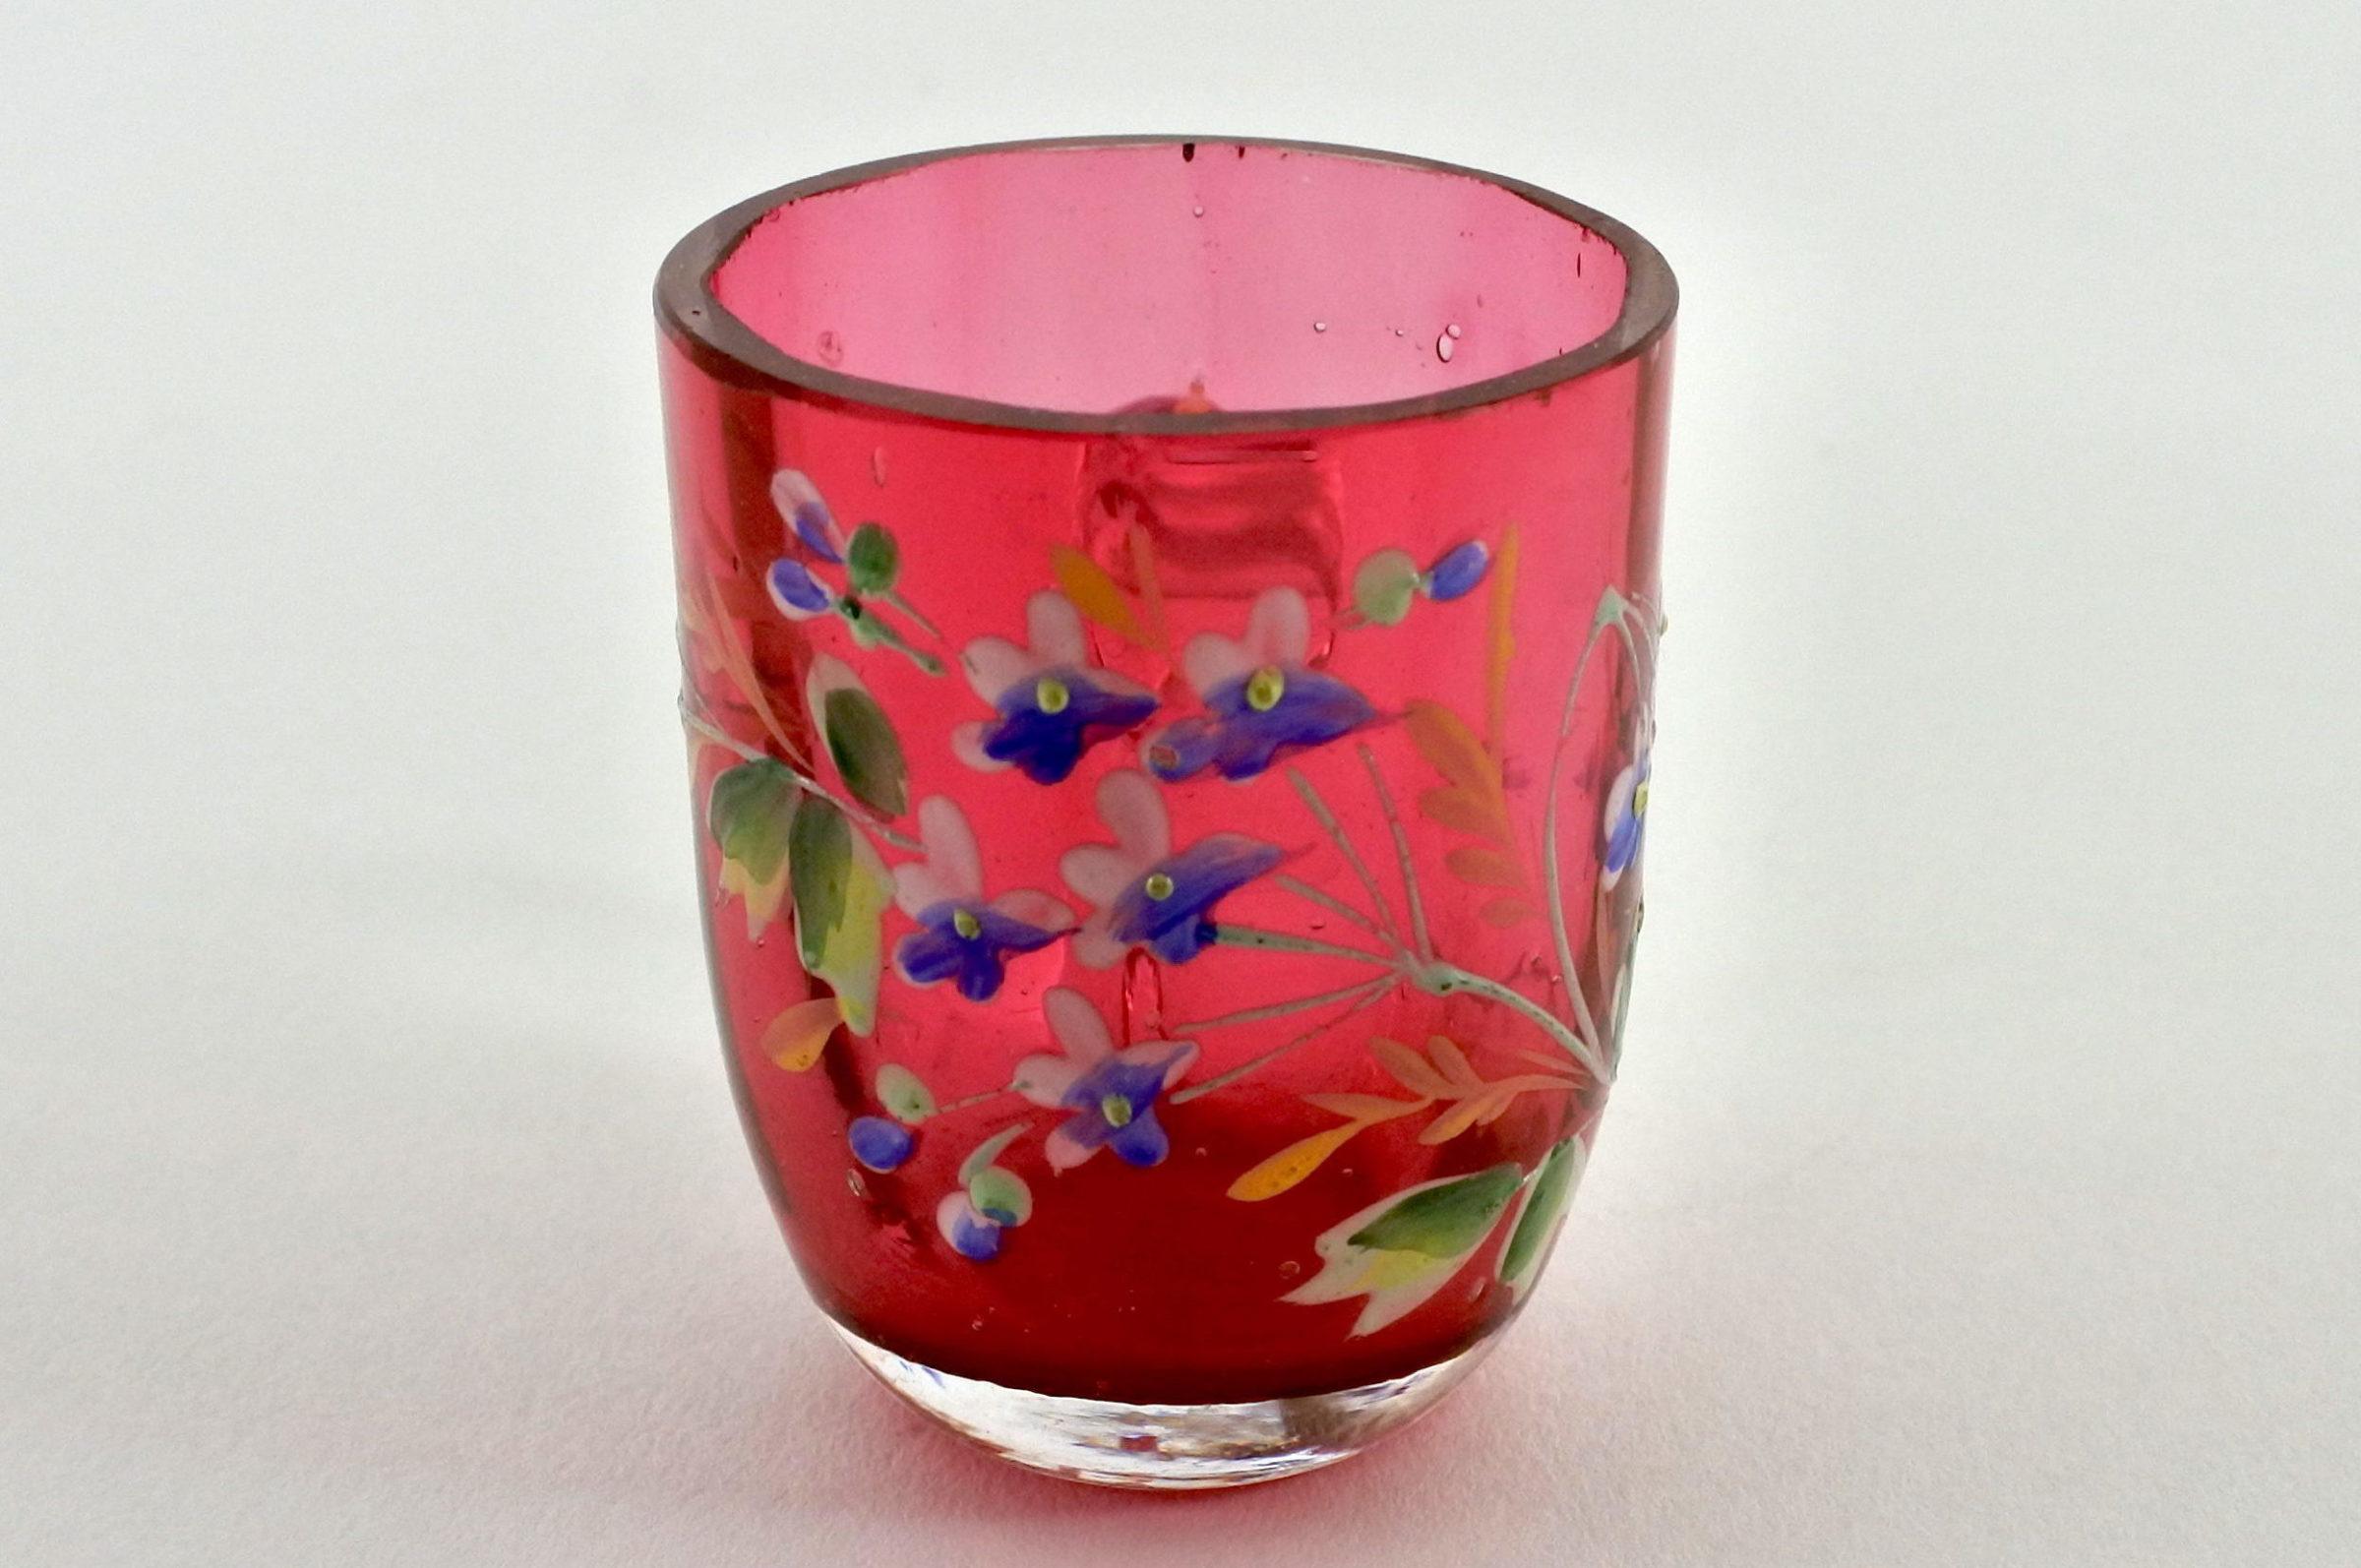 Bicchierino con manico in vetro rosso soffiato e smalti - 2